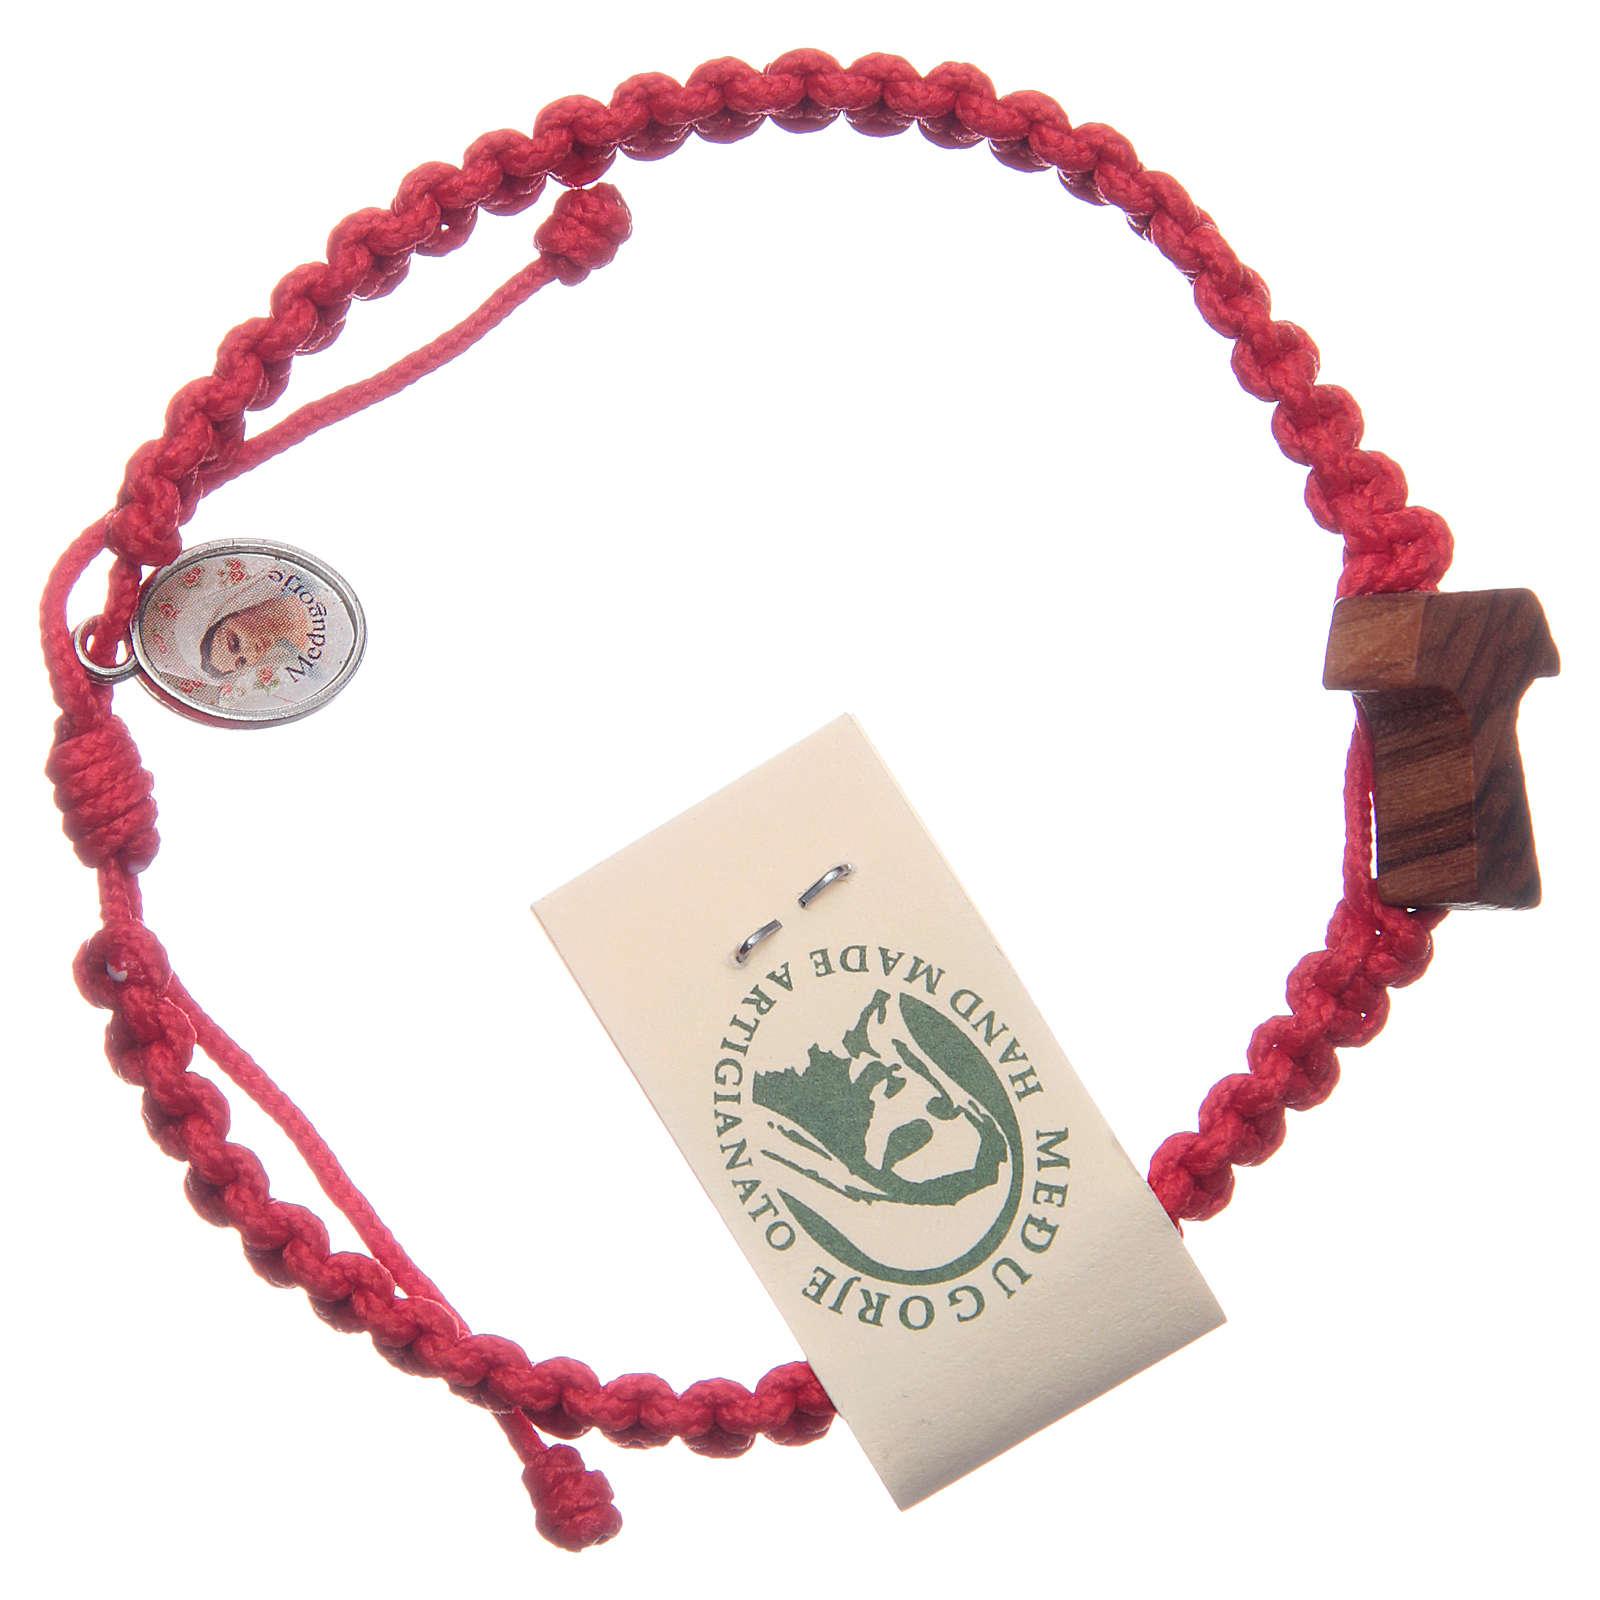 Bracciale corda Medjugorje croce ulivo corda rossa 4